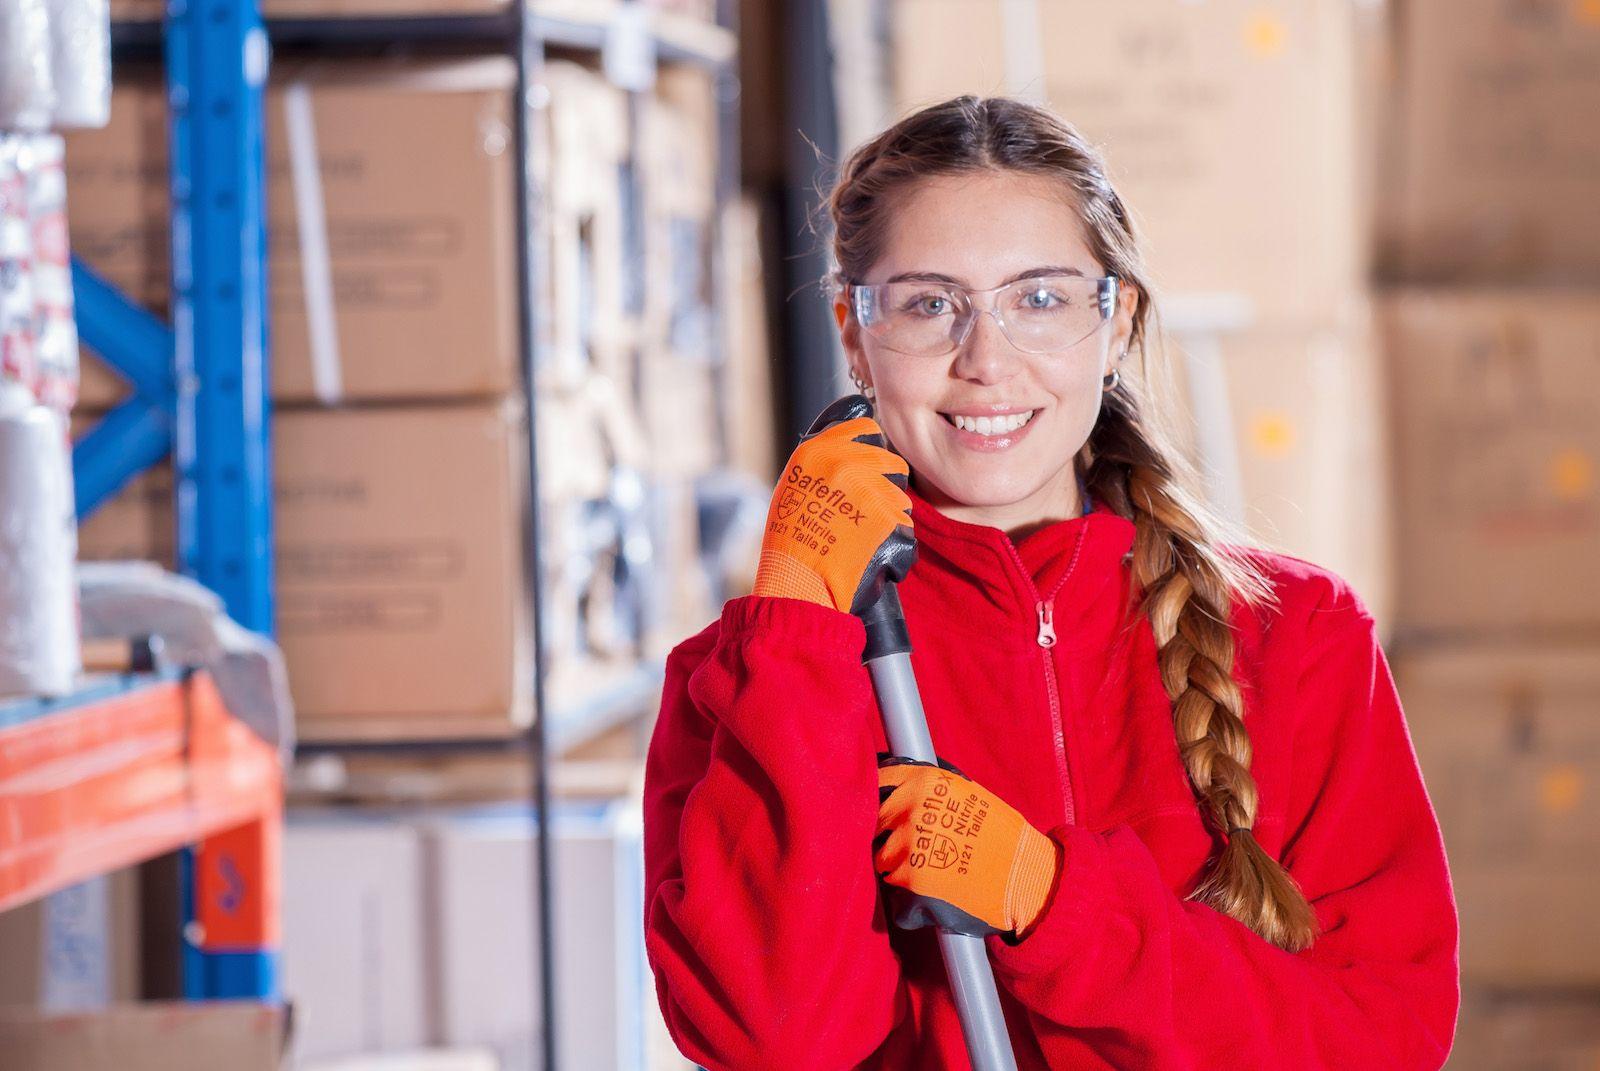 České ženy mají o 21,8 % horší plat než muži. Jsme druzí nejhorší v Evropě